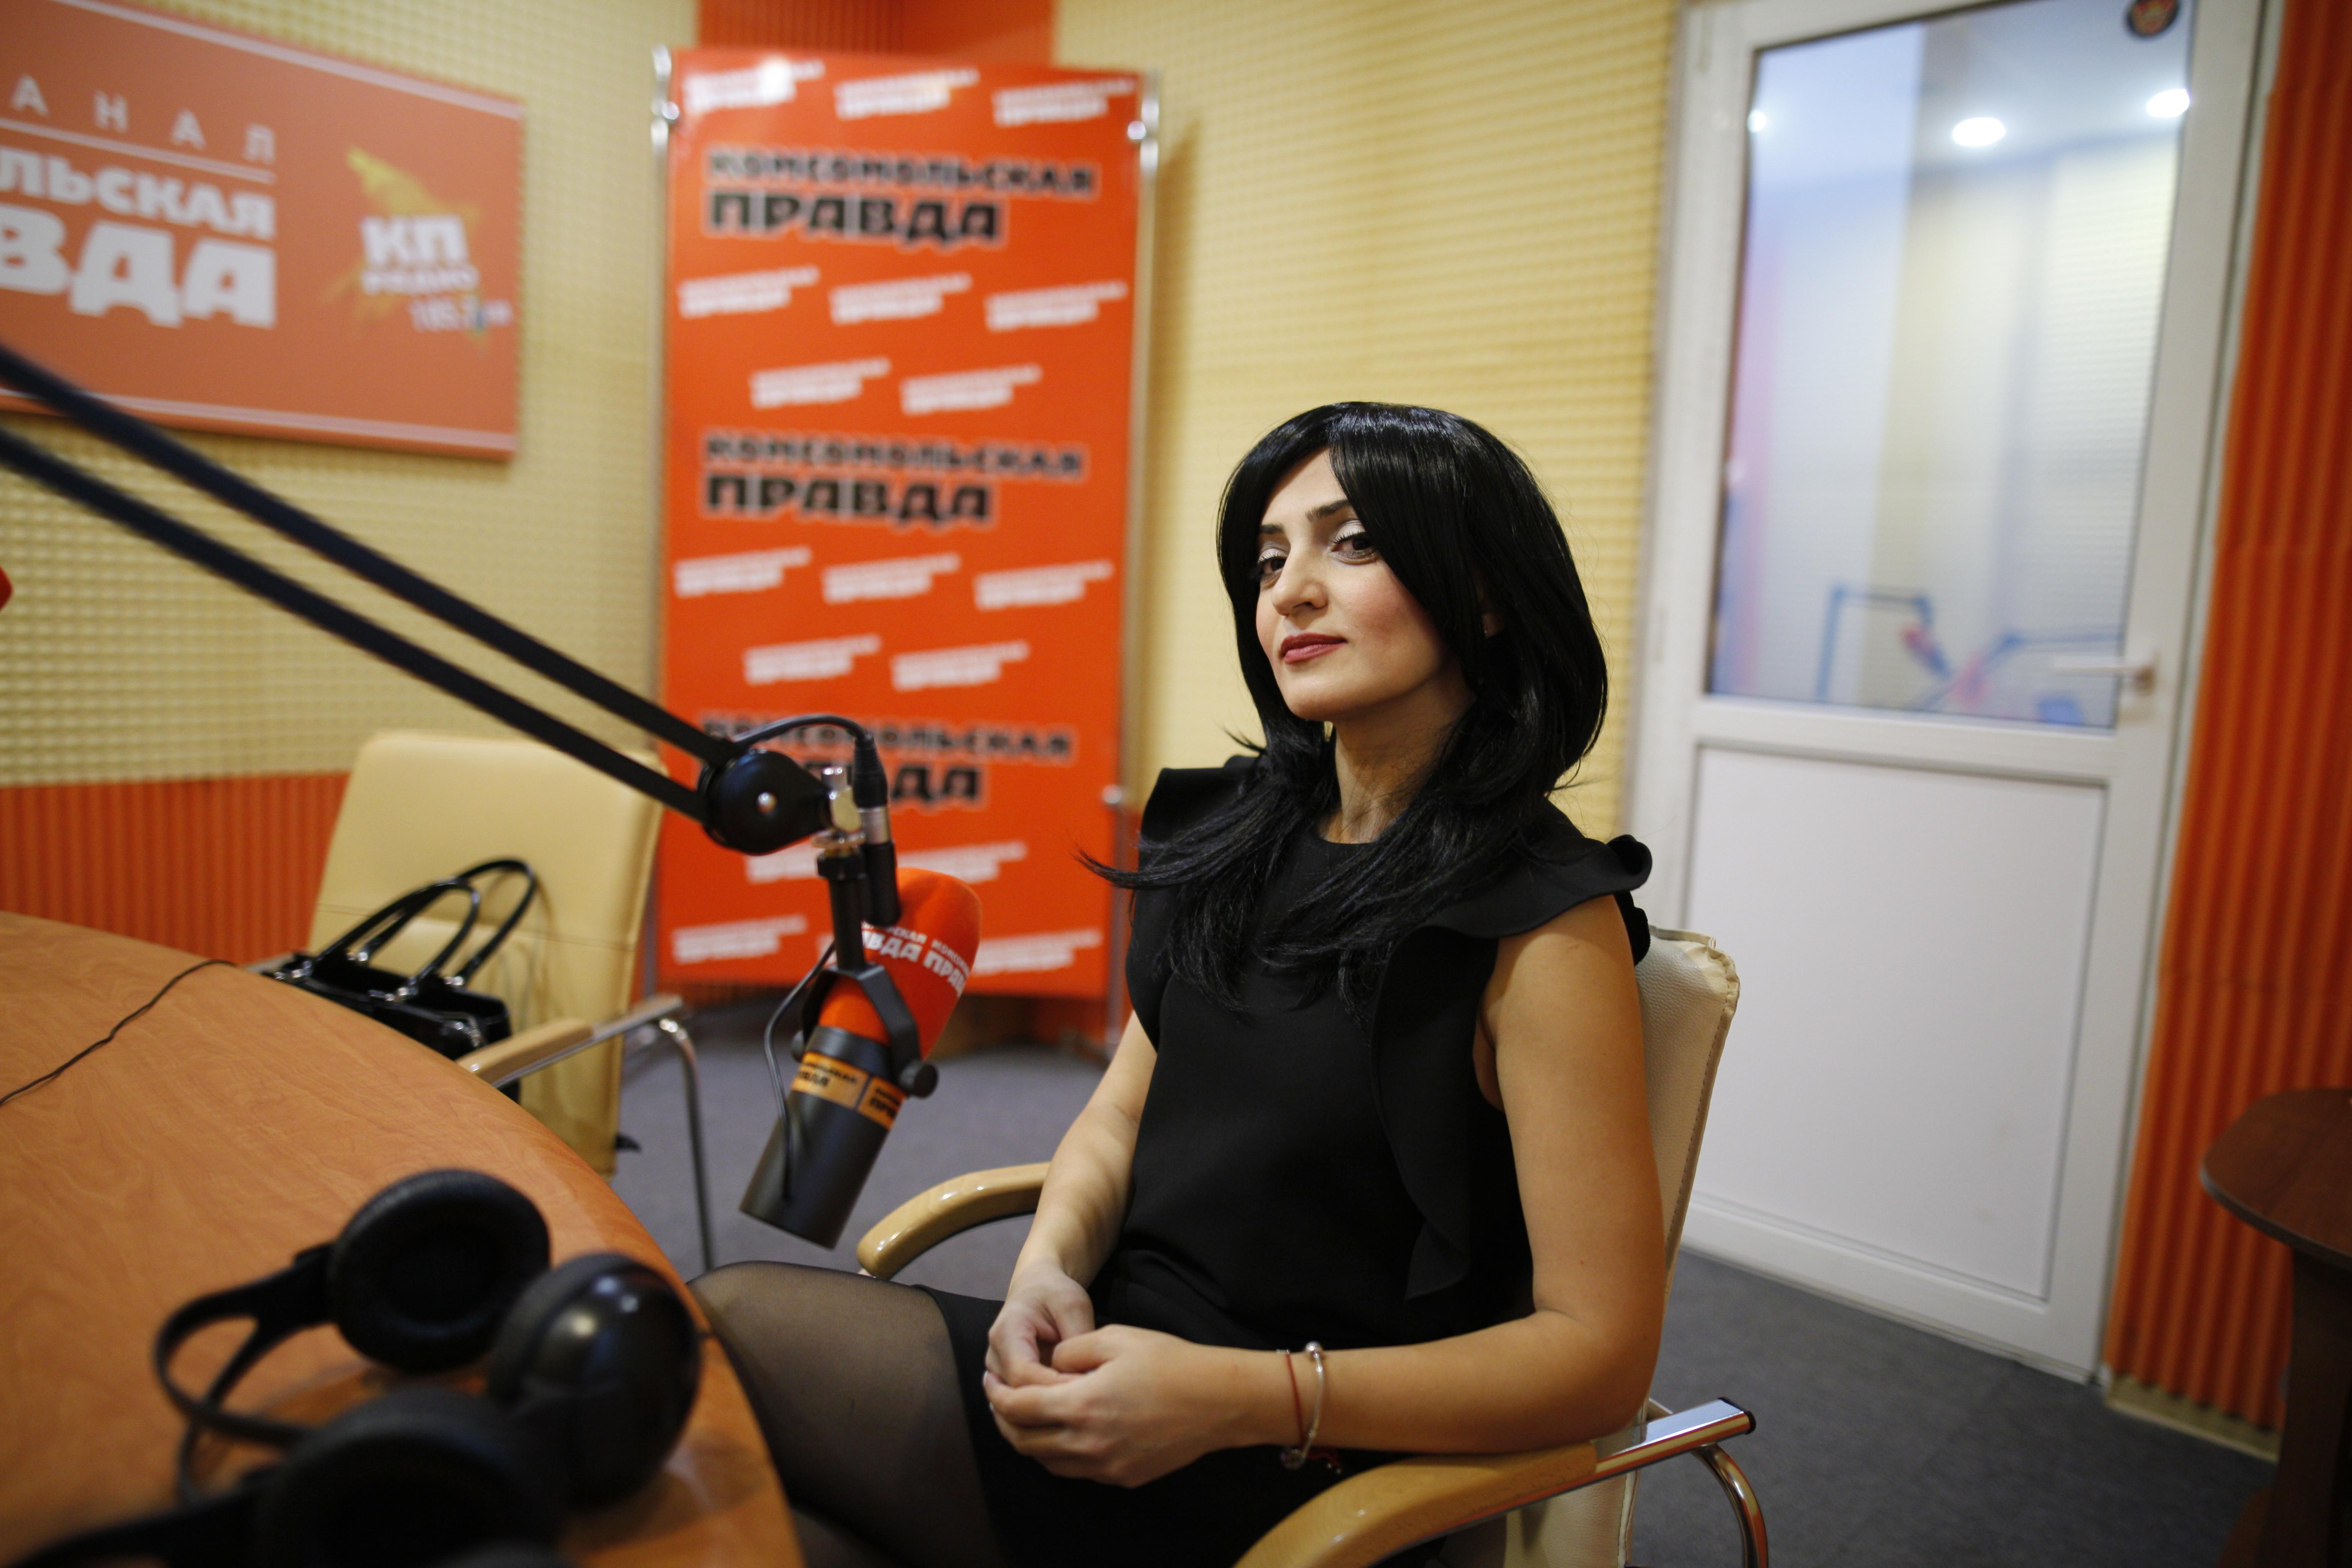 Заведующая поликлинникой Ставропольской клиники «Доктор Кит» Анжелика Геворкян